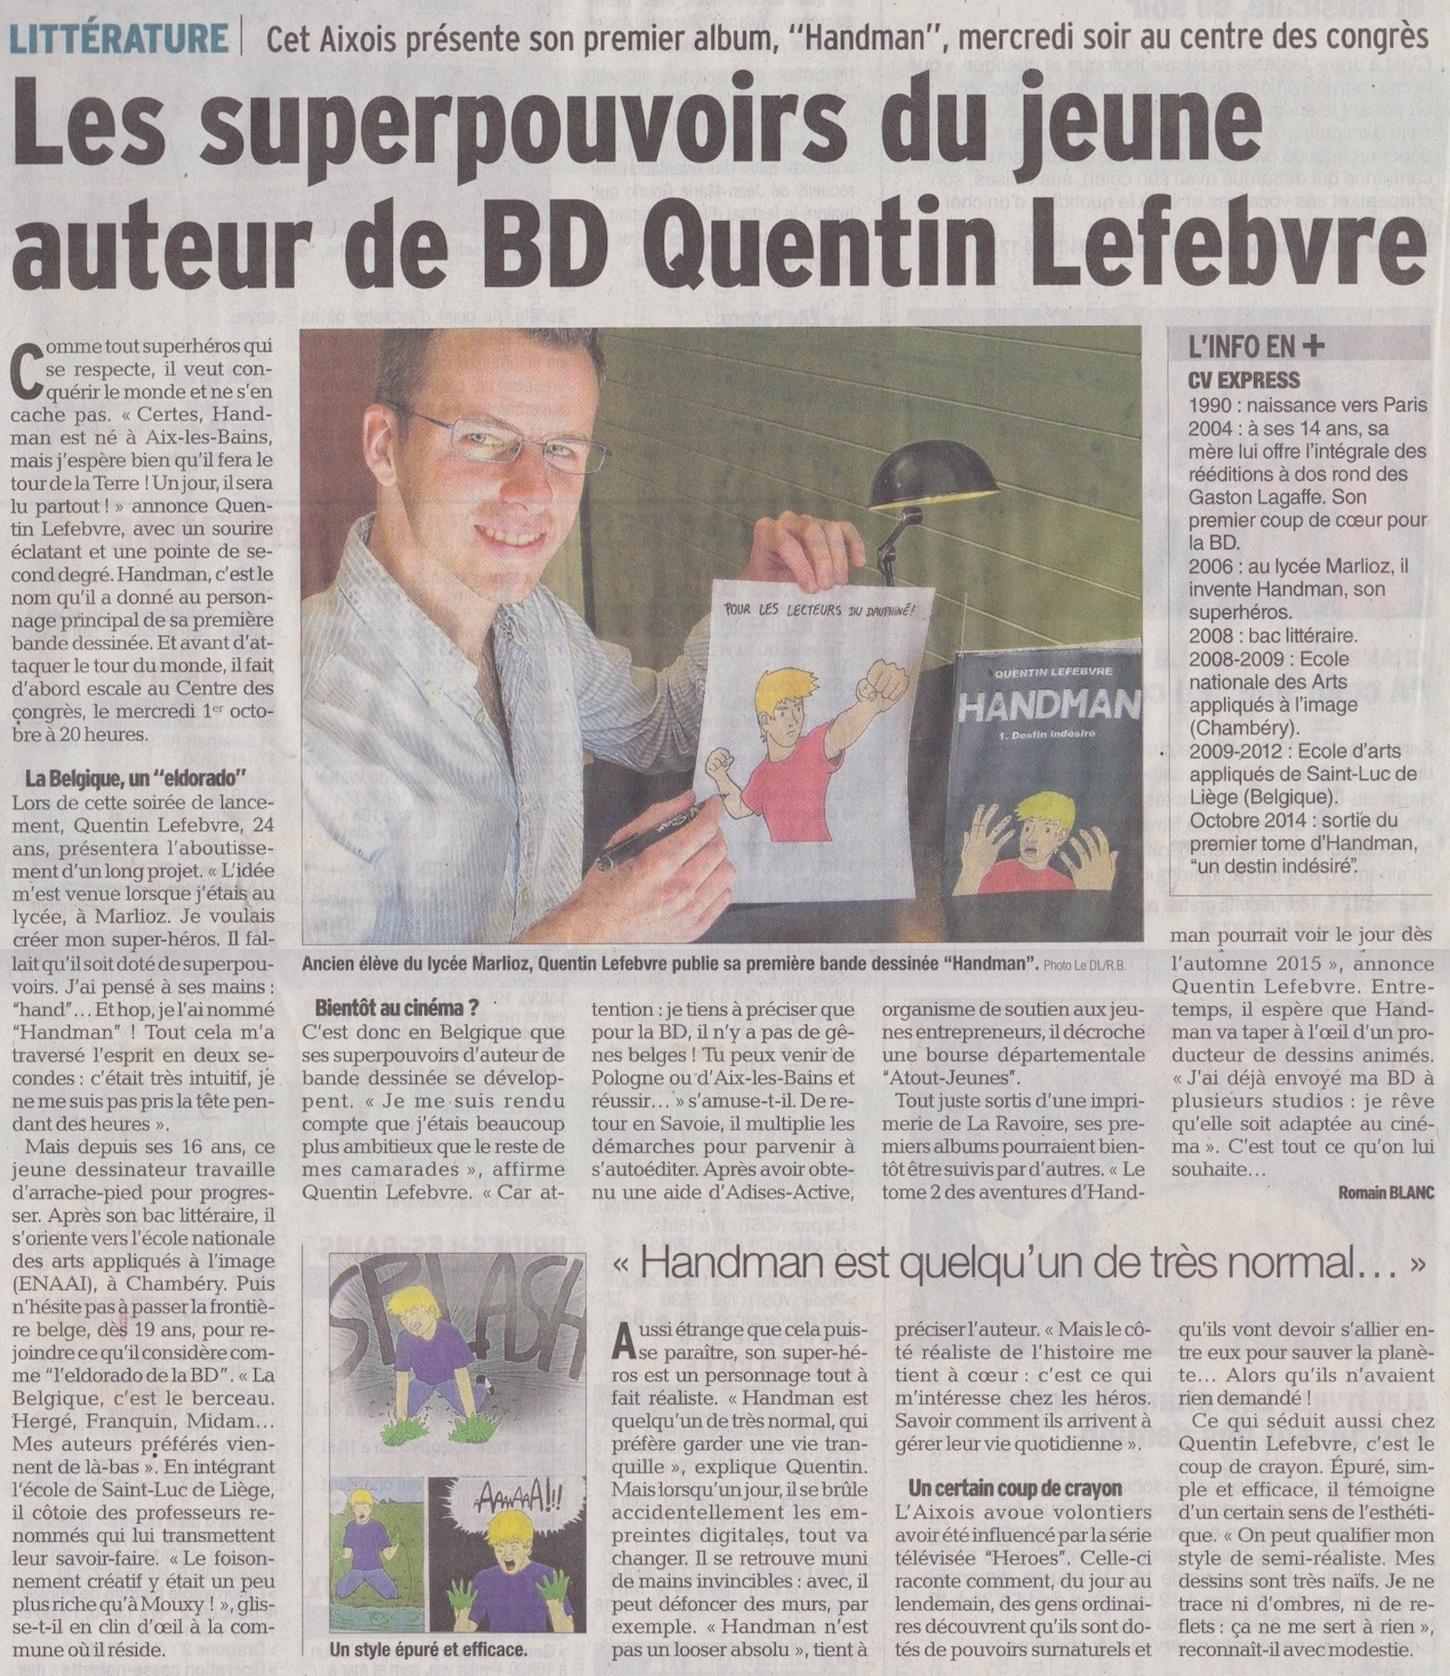 article de journal-le dauphiné libéré du 26septembre2014 parle de handman